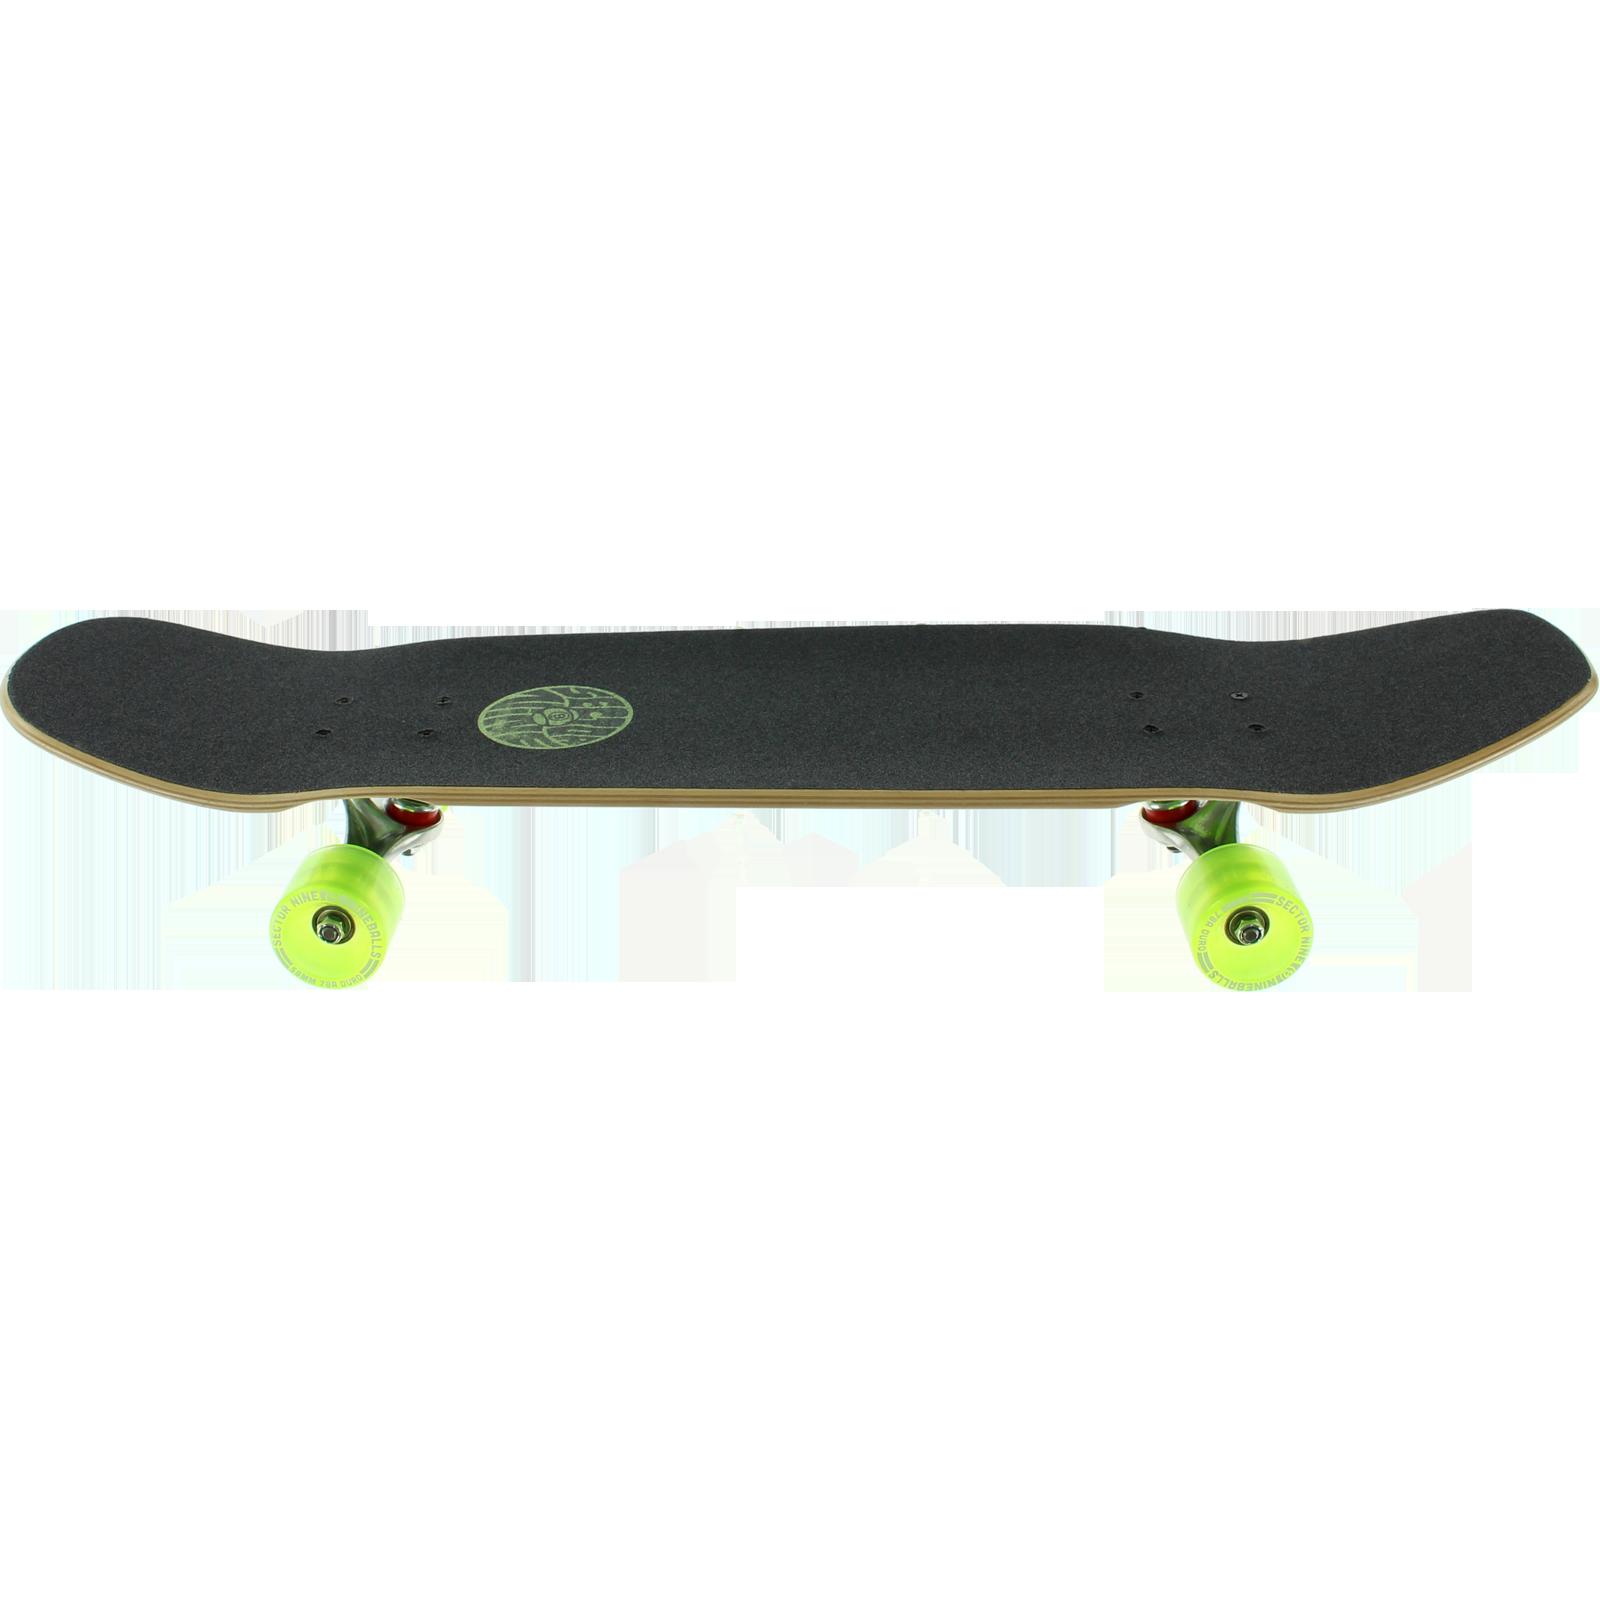 skateboard png 8